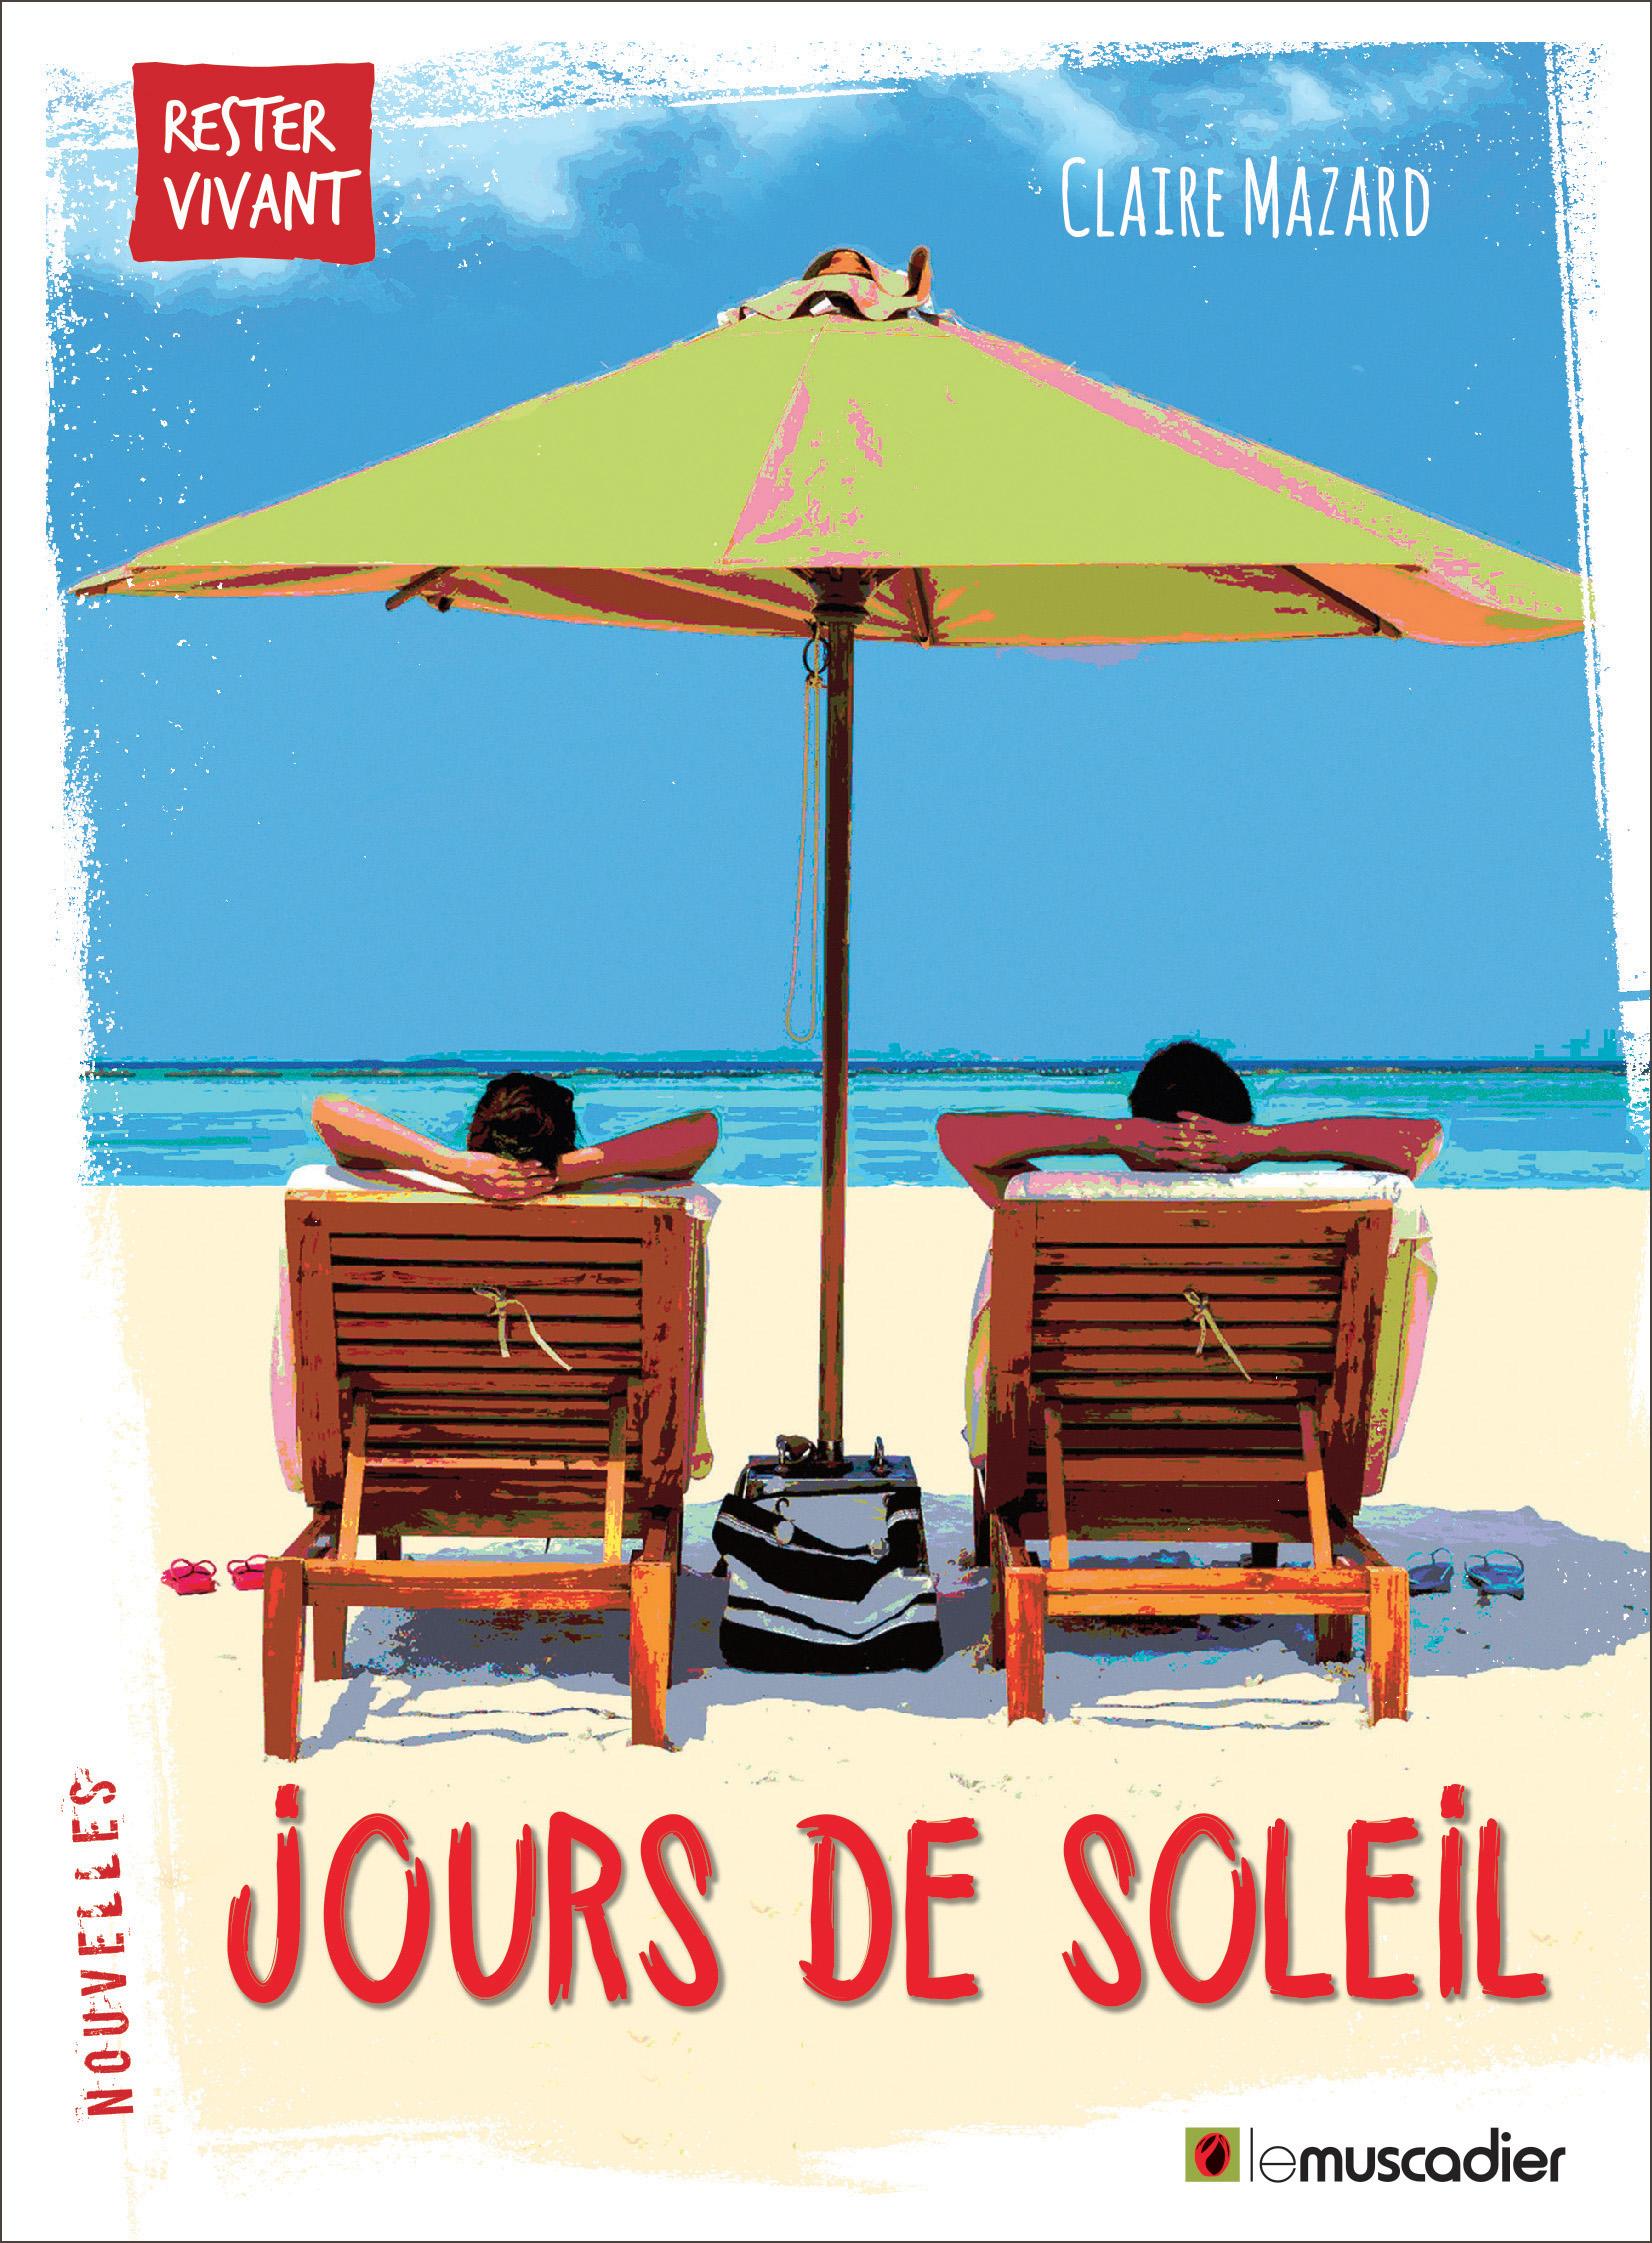 """Couverture du livre """"Jours de soleil"""" de Claire Mazard - ISBN 9791090685772"""